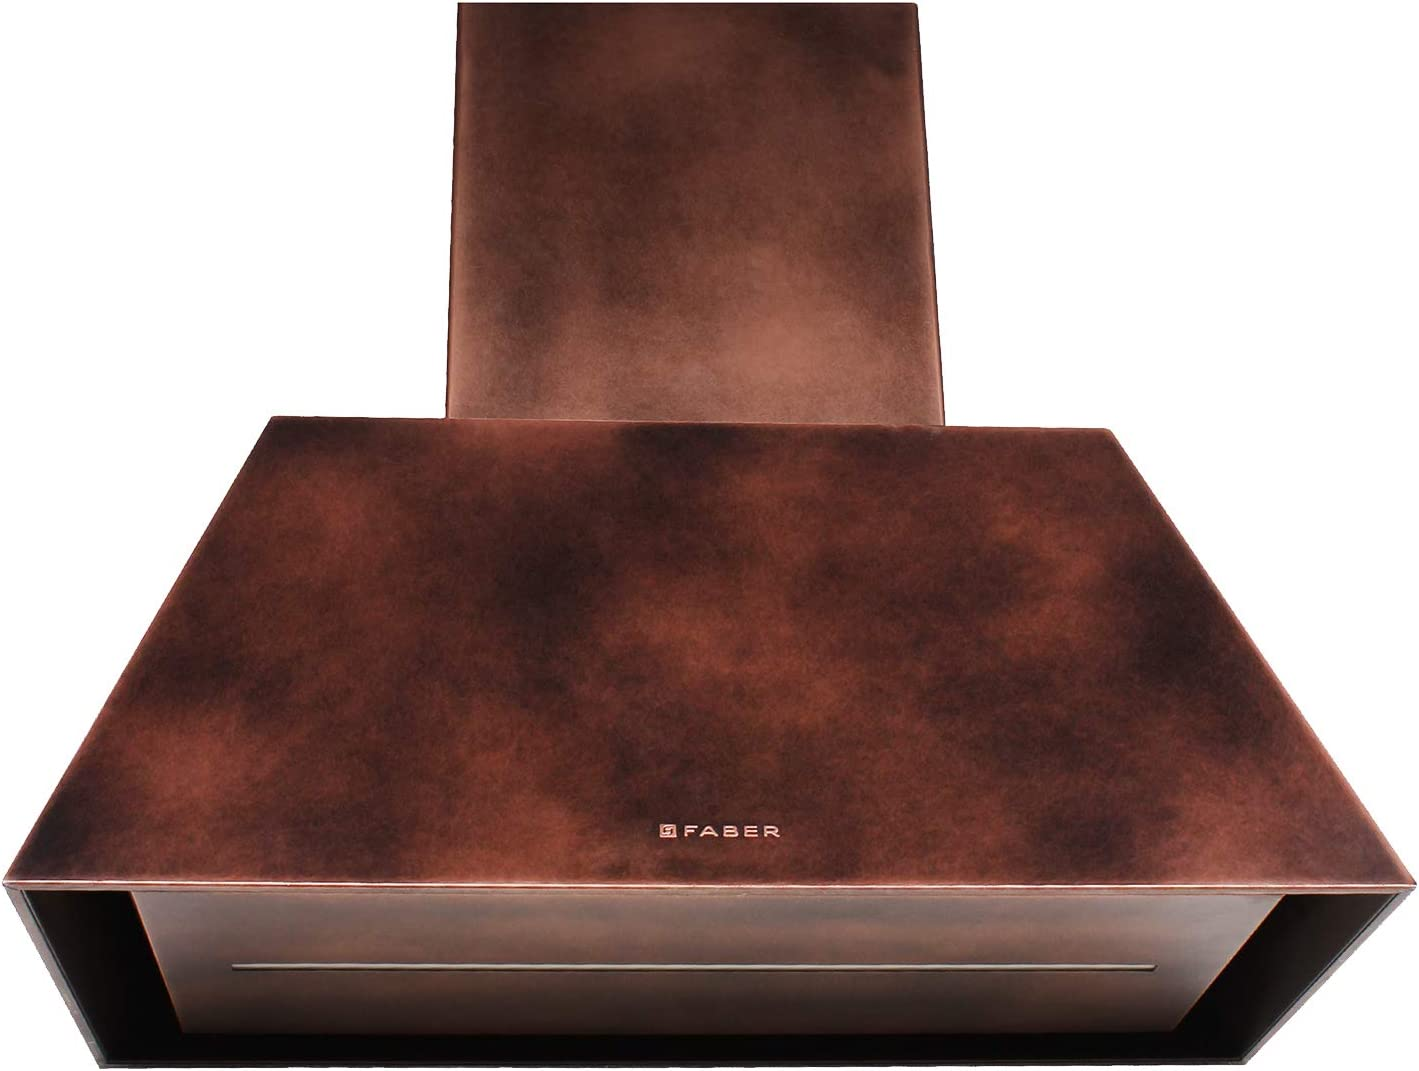 Faber - Campana extractora de pared con acabado de cobre de 70 cm: Amazon.es: Hogar